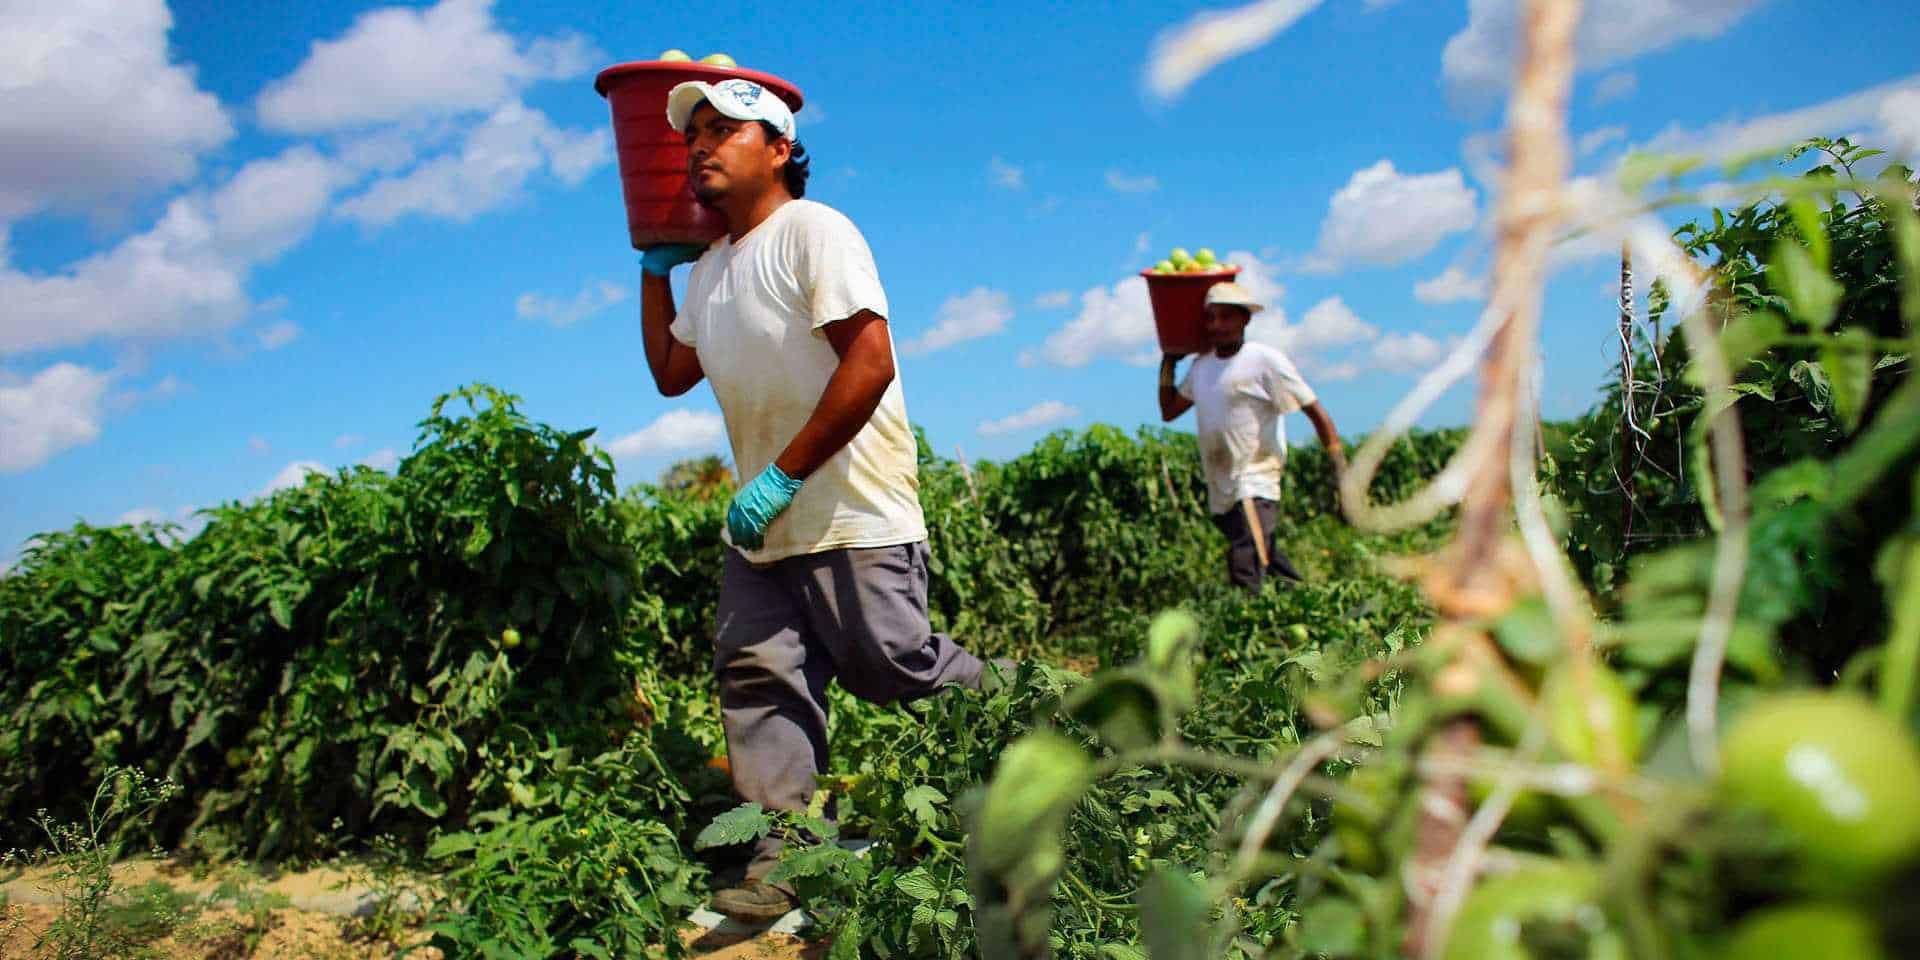 Actividad económica de México cae en un 0.9% durante junio, aseguran datos del INEGI | El Imparcial de Oaxaca